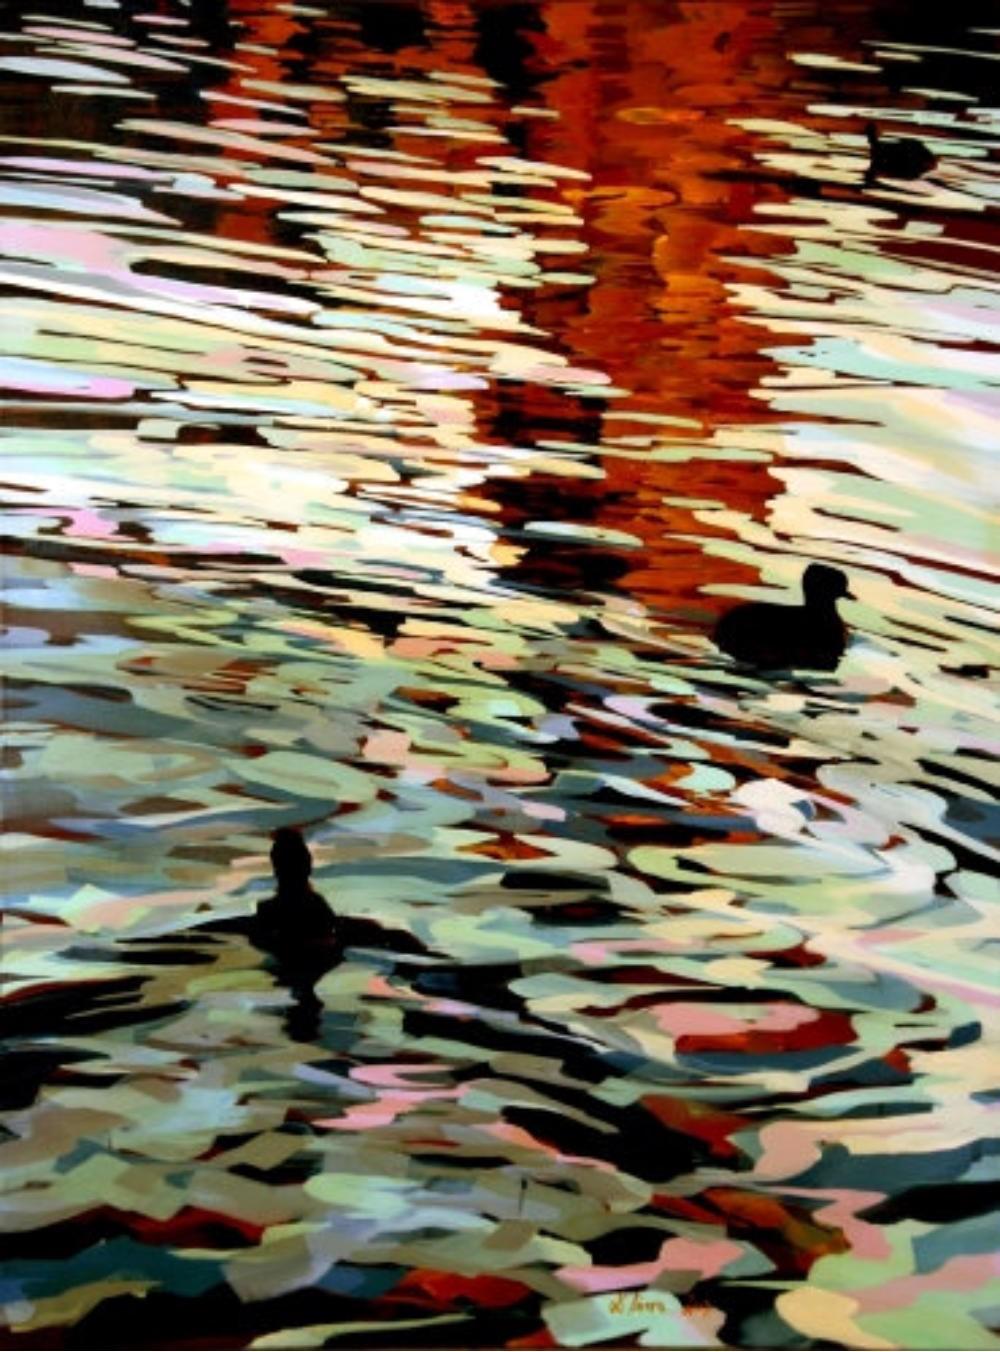 Wasserfarben und Lichtreflexe